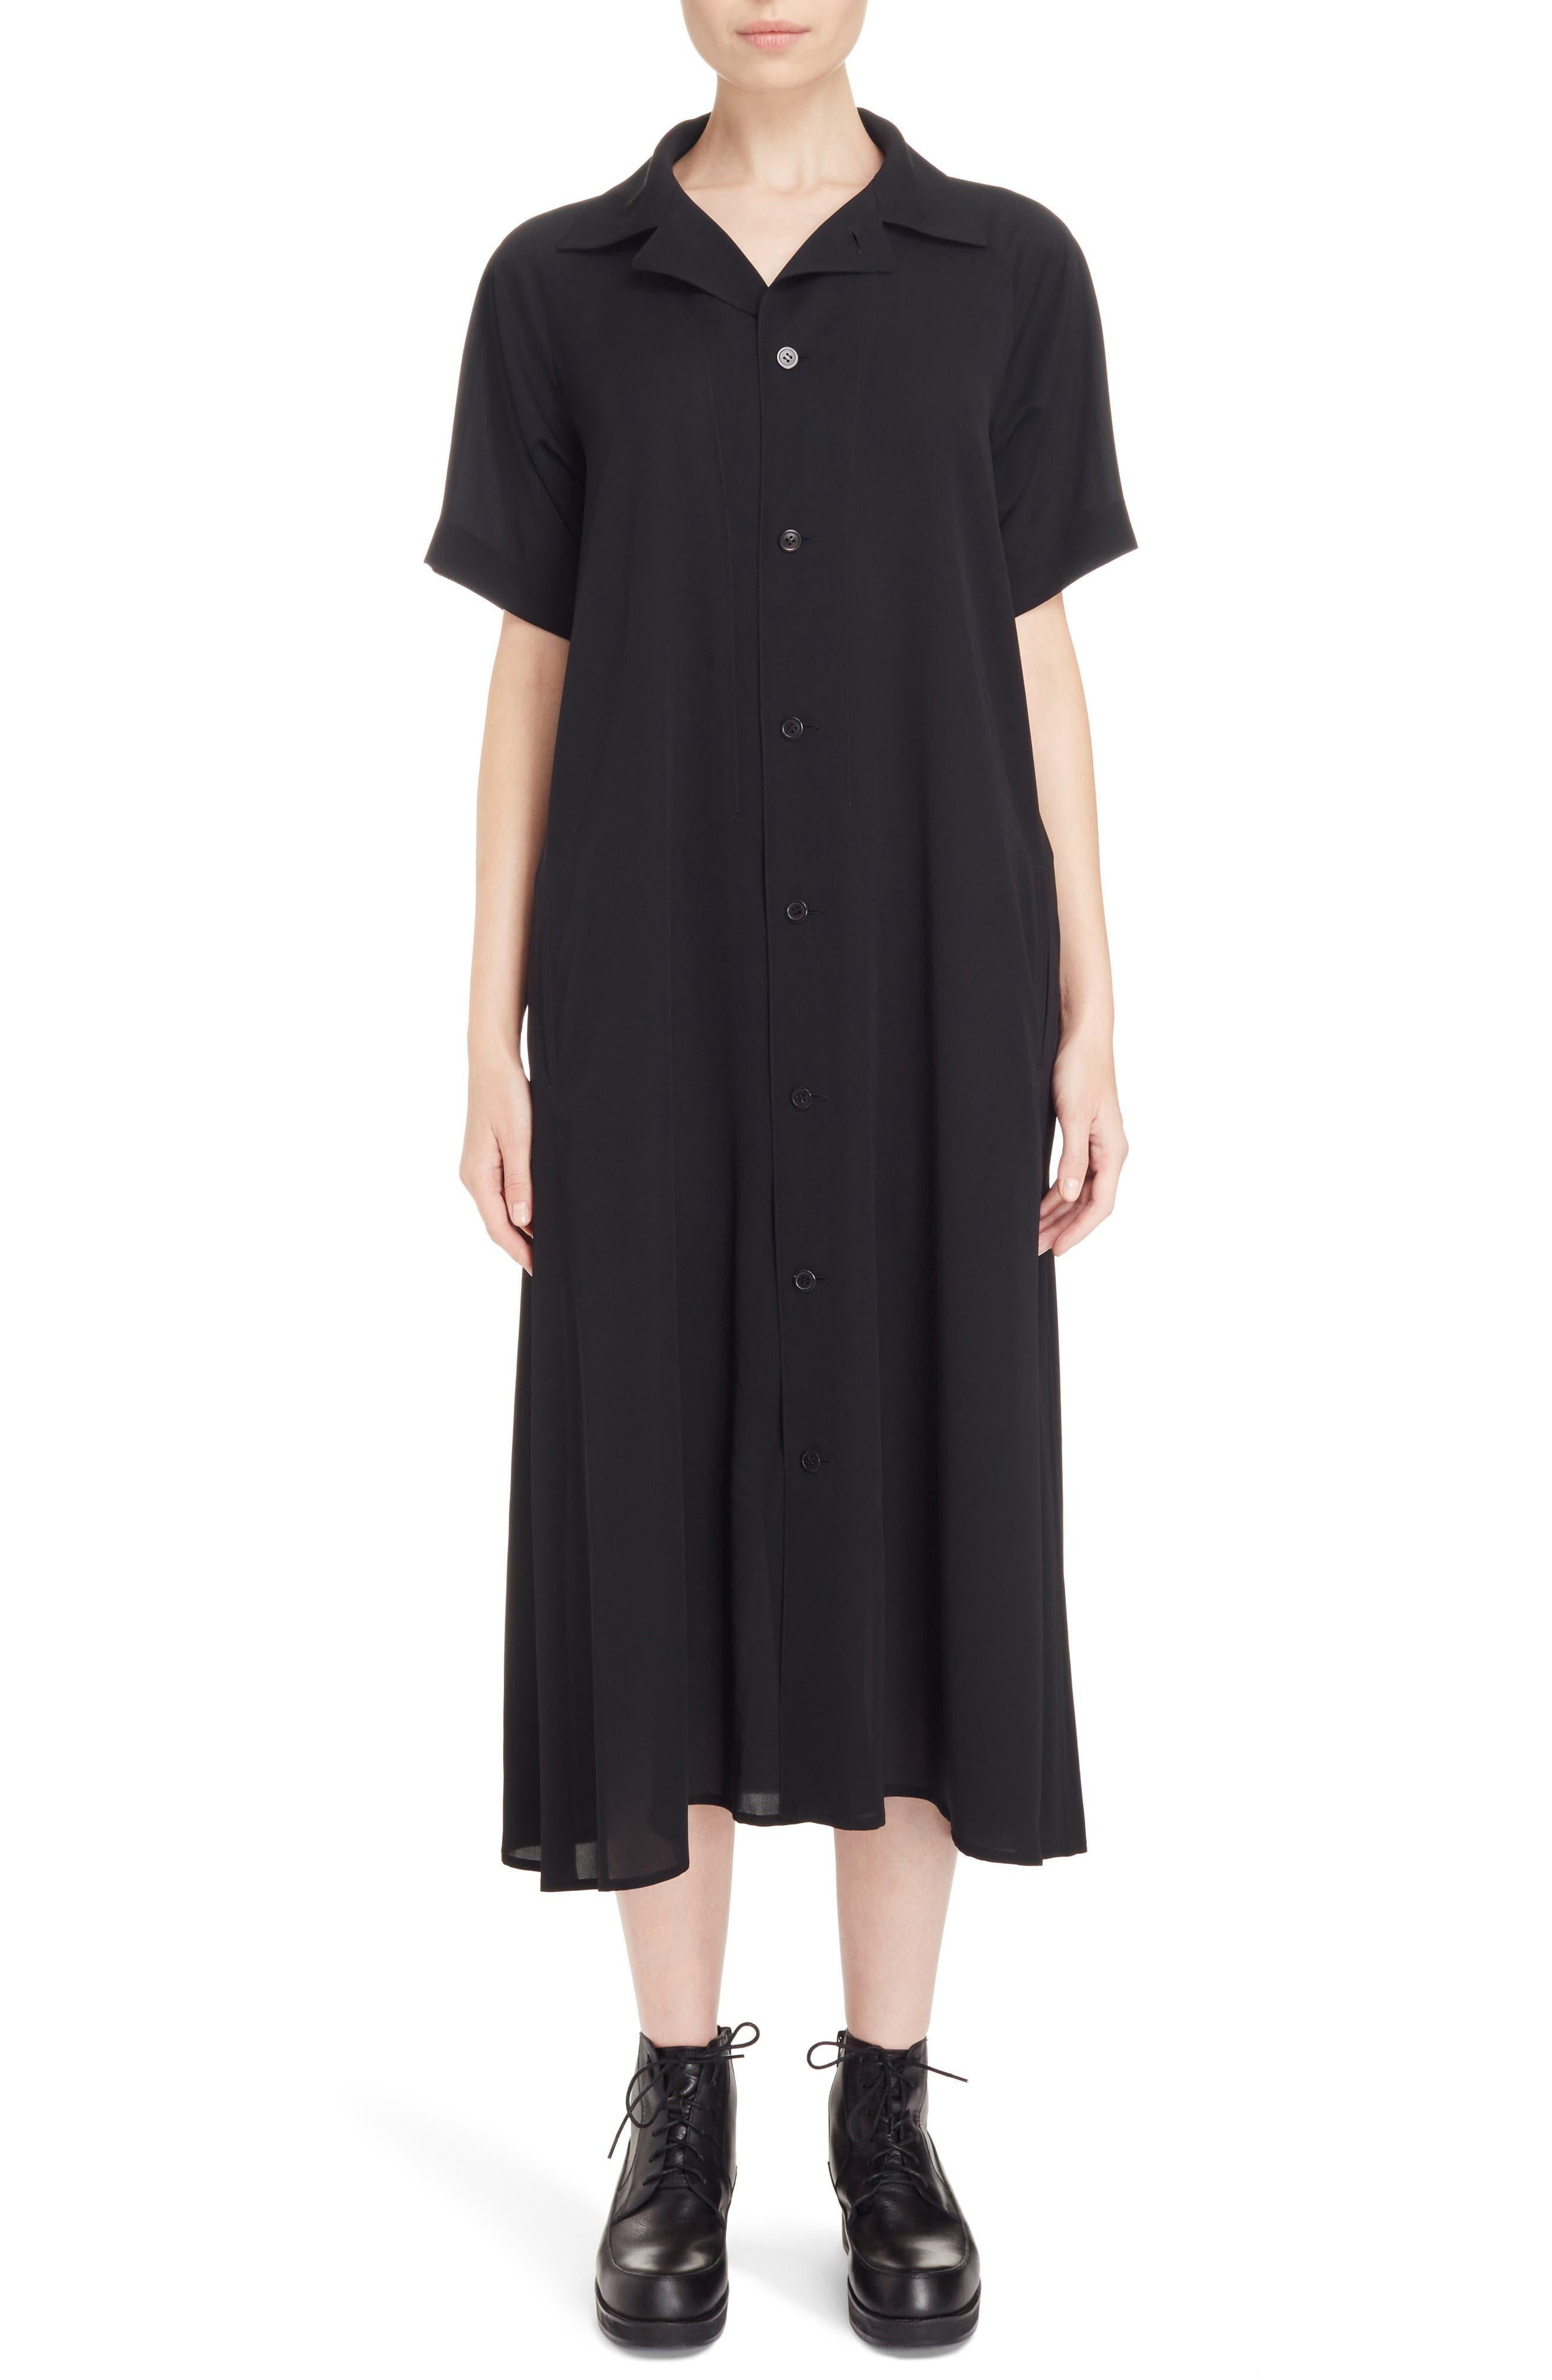 Y's by Yohji Yamamoto Oversize Shirtdress